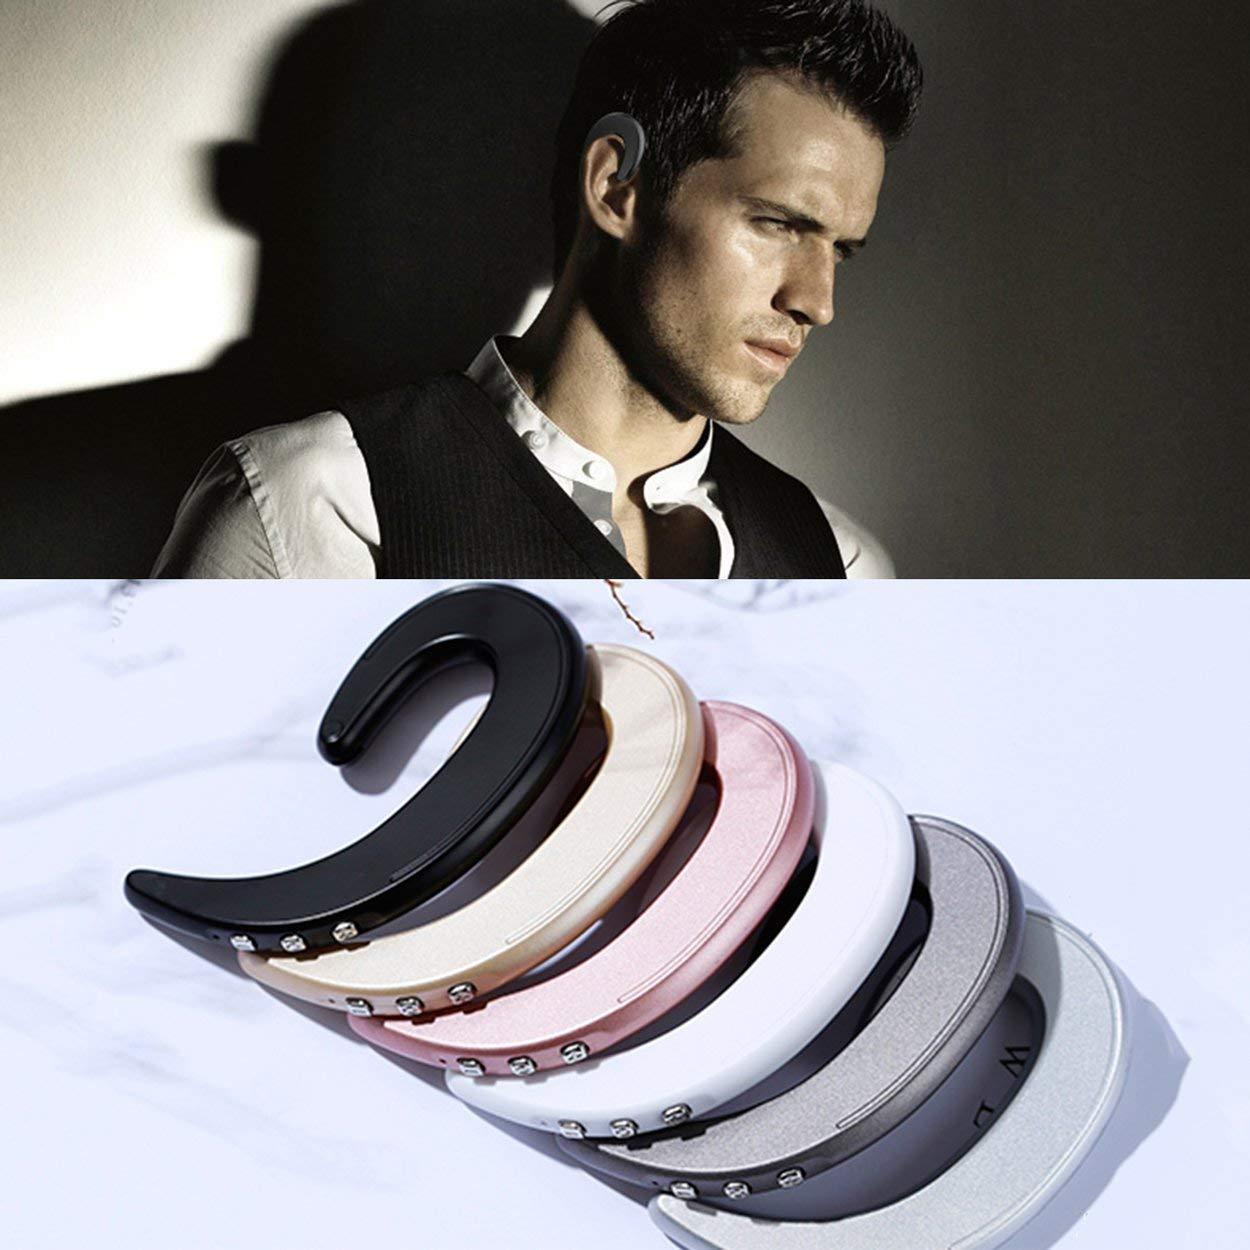 Lorenlli Auriculares inalámbricos Bluetooth Auriculares estéreo de conducción ósea con micrófono Auriculares con Gancho para la Oreja Auriculares Deportivos livianos